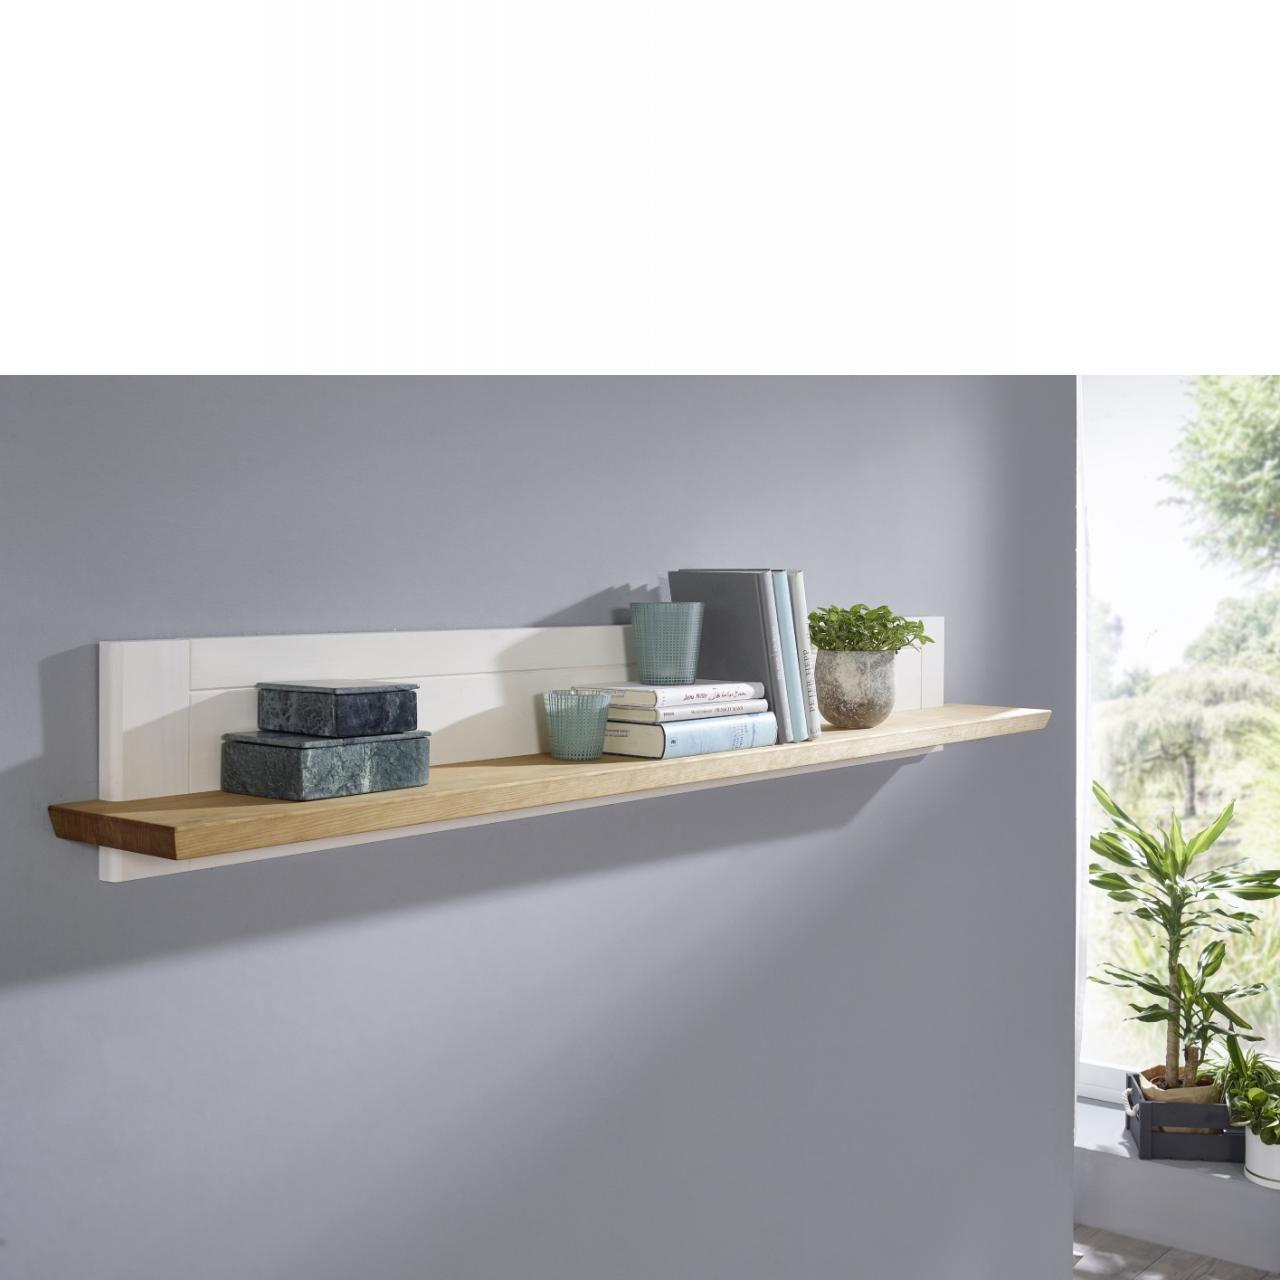 wandboard kiefer massiv regale wohnen m bel j hnichen center gmbh. Black Bedroom Furniture Sets. Home Design Ideas